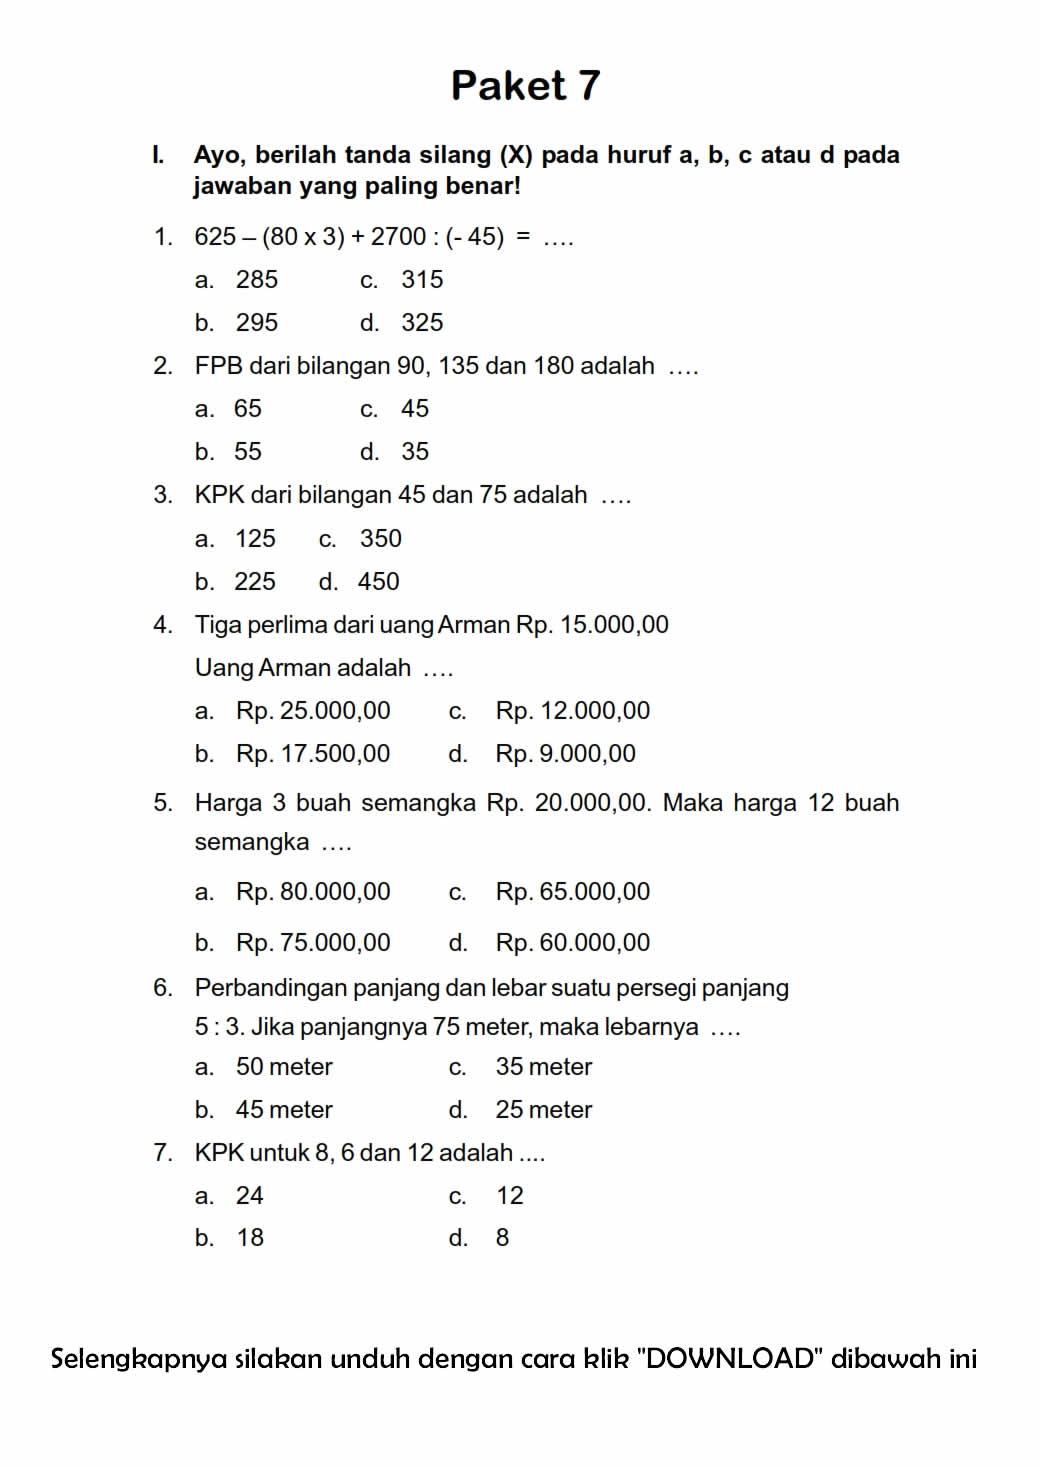 Download Soal Uas Ganjil Kelas 5 Semester 1 Matematika